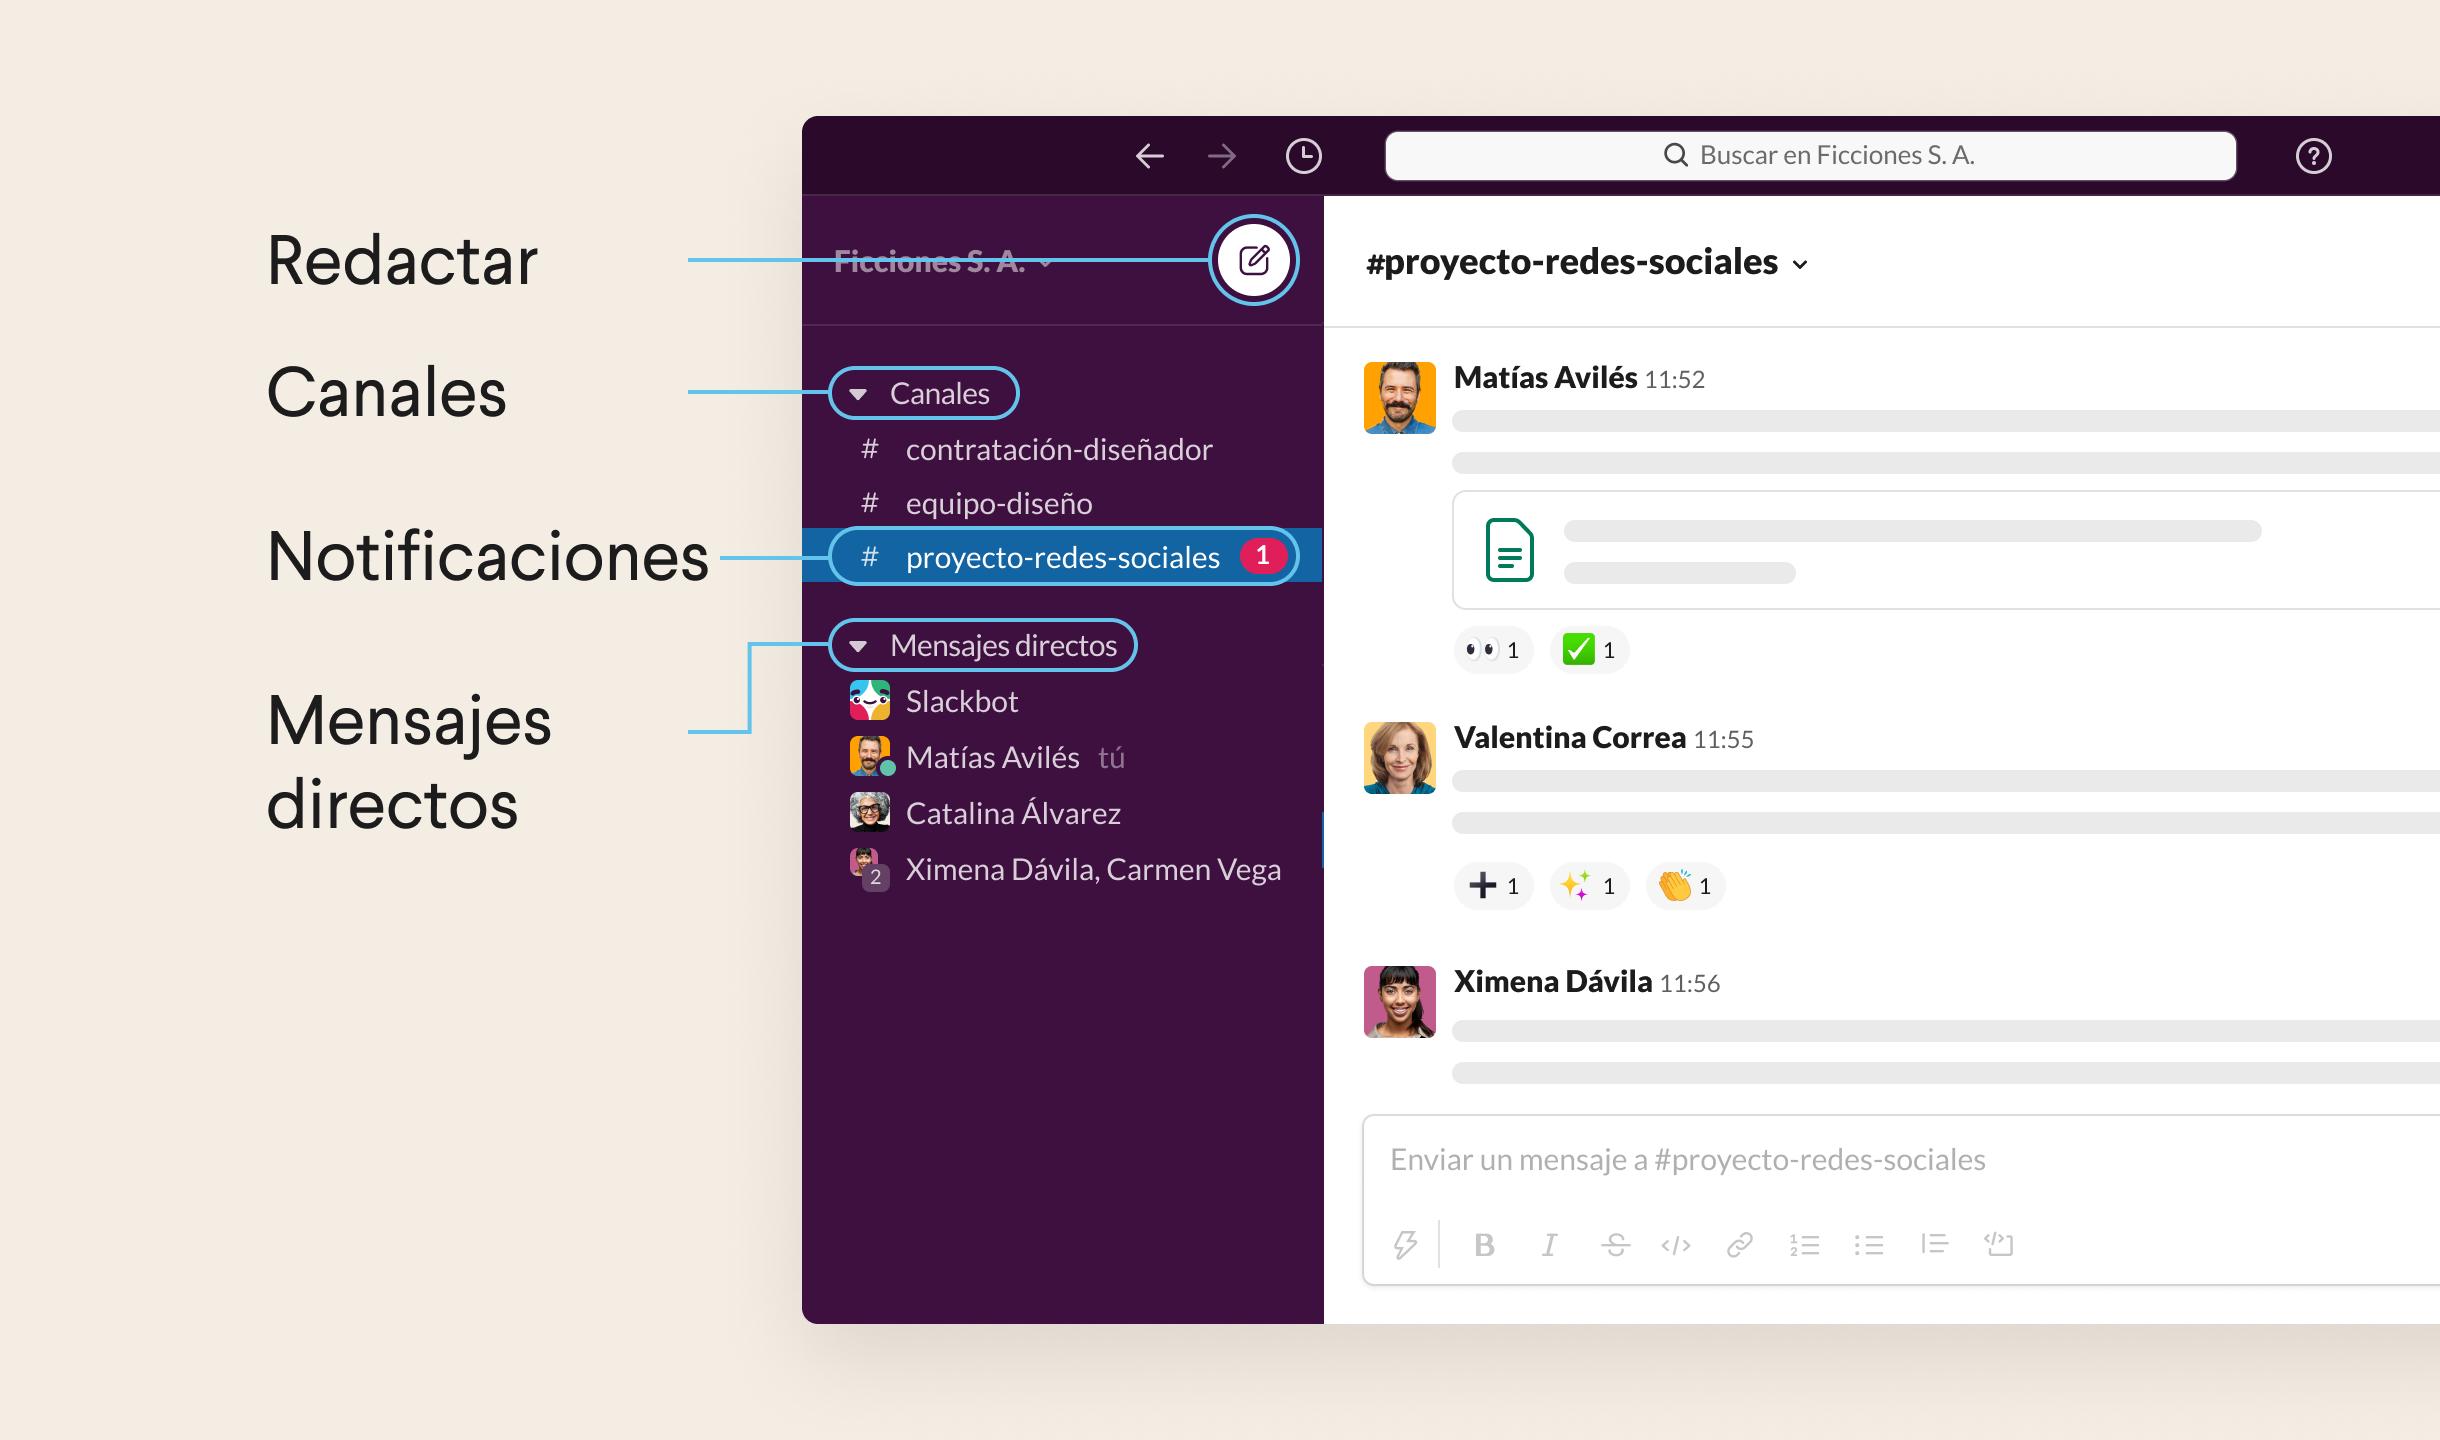 Listado de canales, mensajes directos y notificaciones en la barra lateral izquierda de Slack